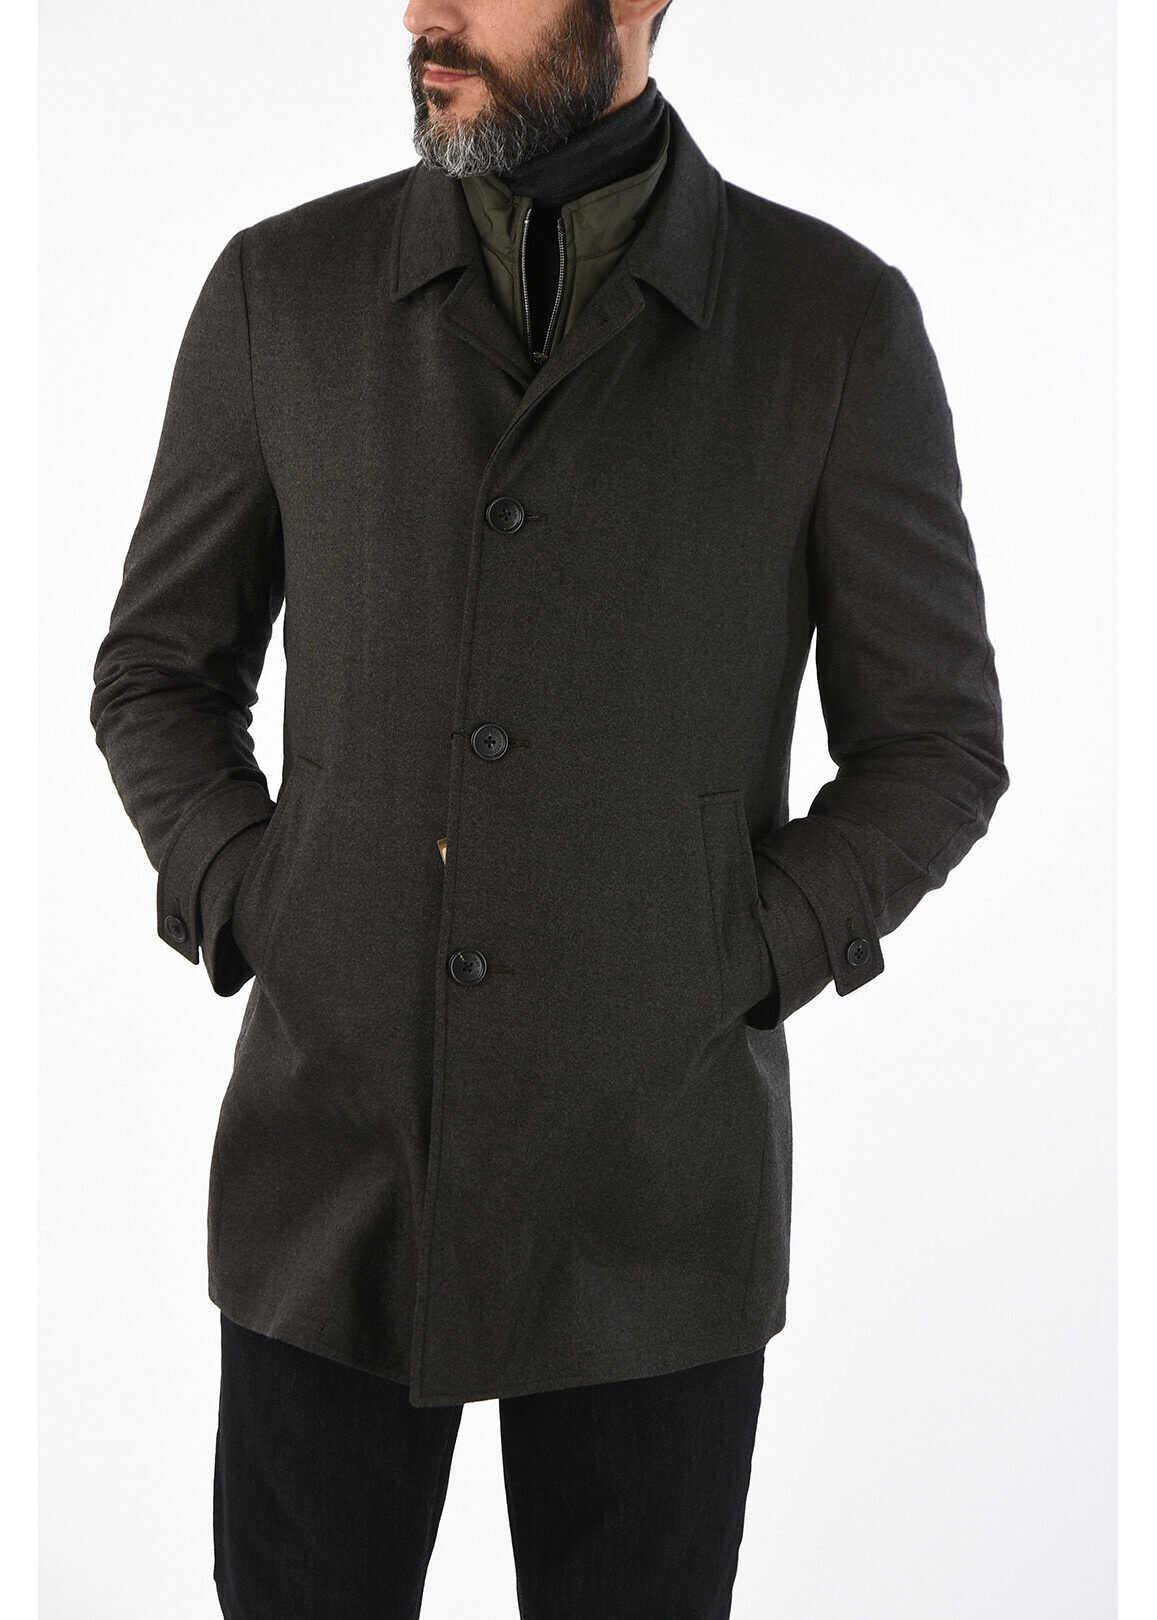 CORNELIANI ID virgin wool coat GRAY imagine